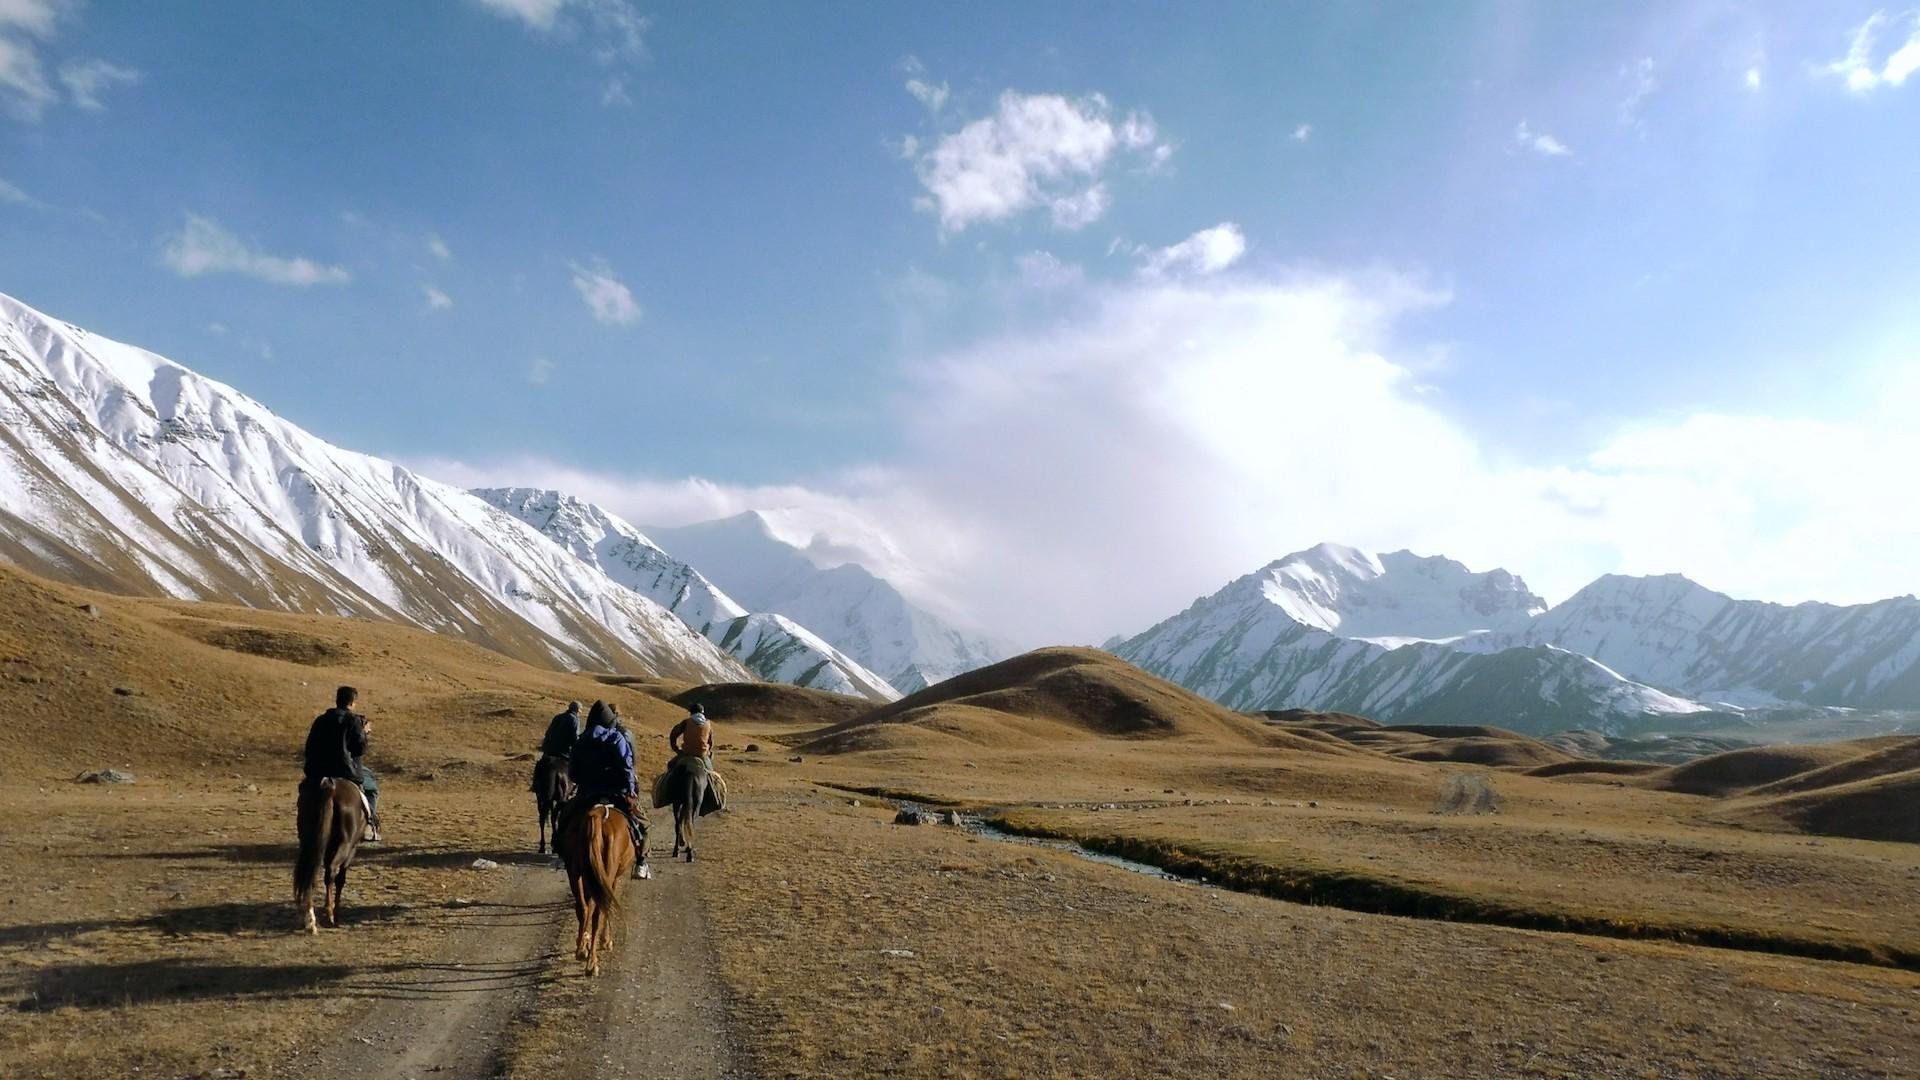 Los diez mejores destinos y atracciones en Asia Central: imágenes